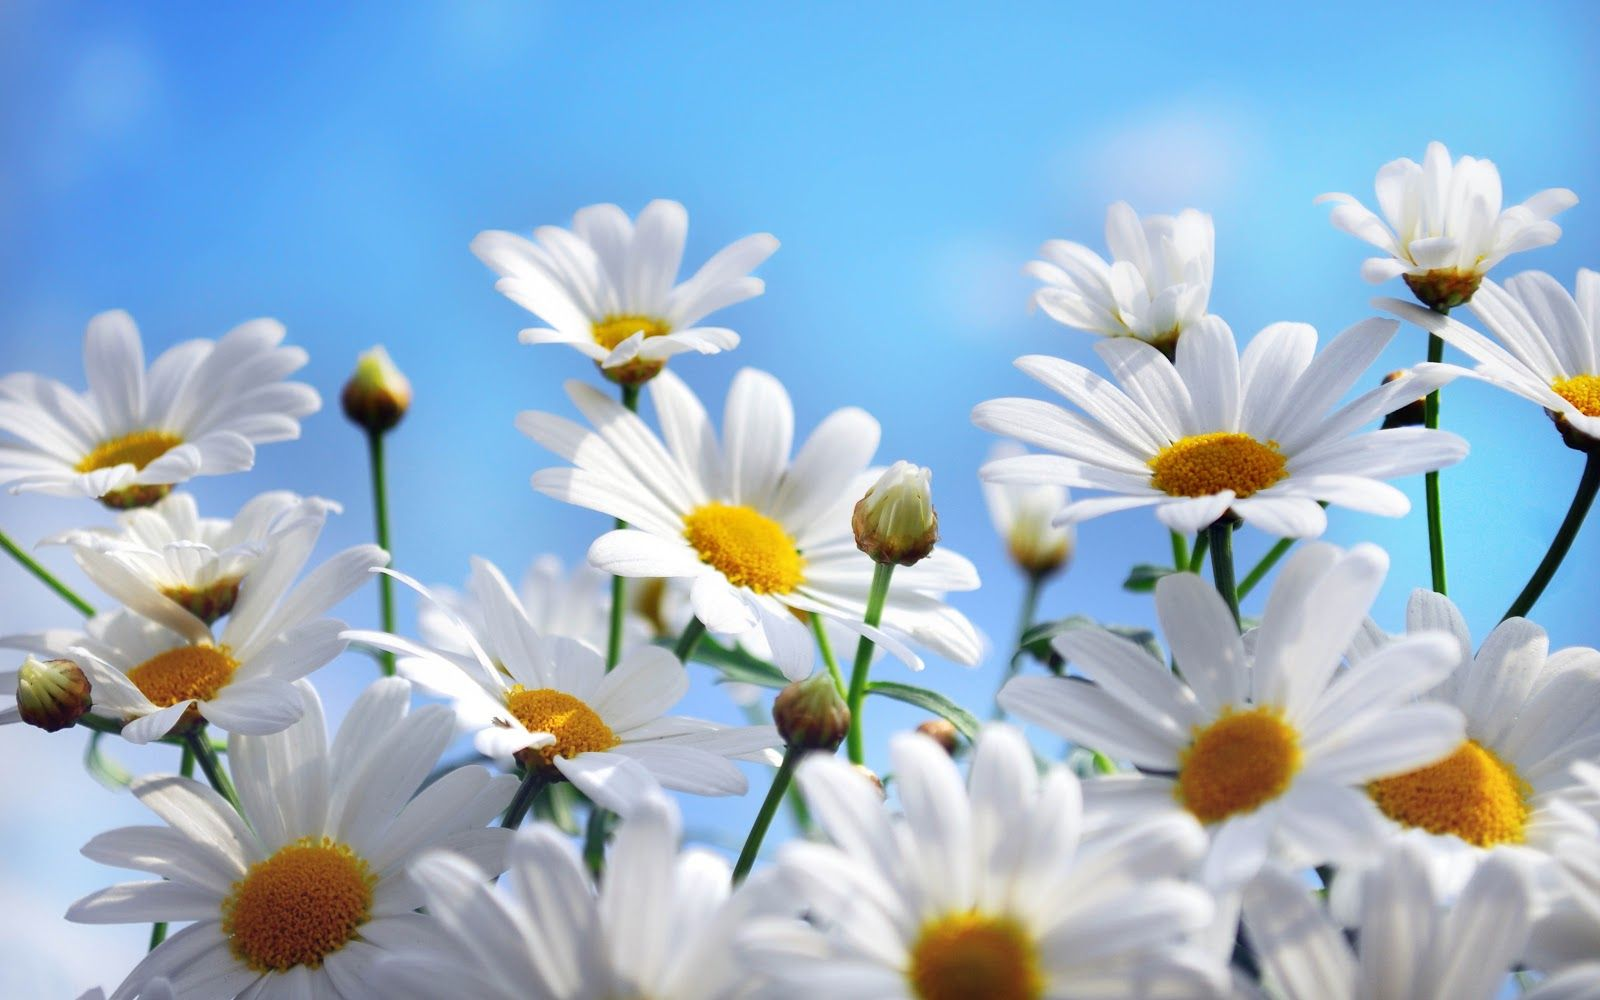 20 خلفية زهور رائعة عالية الدقة مجانا Daisy wallpaper